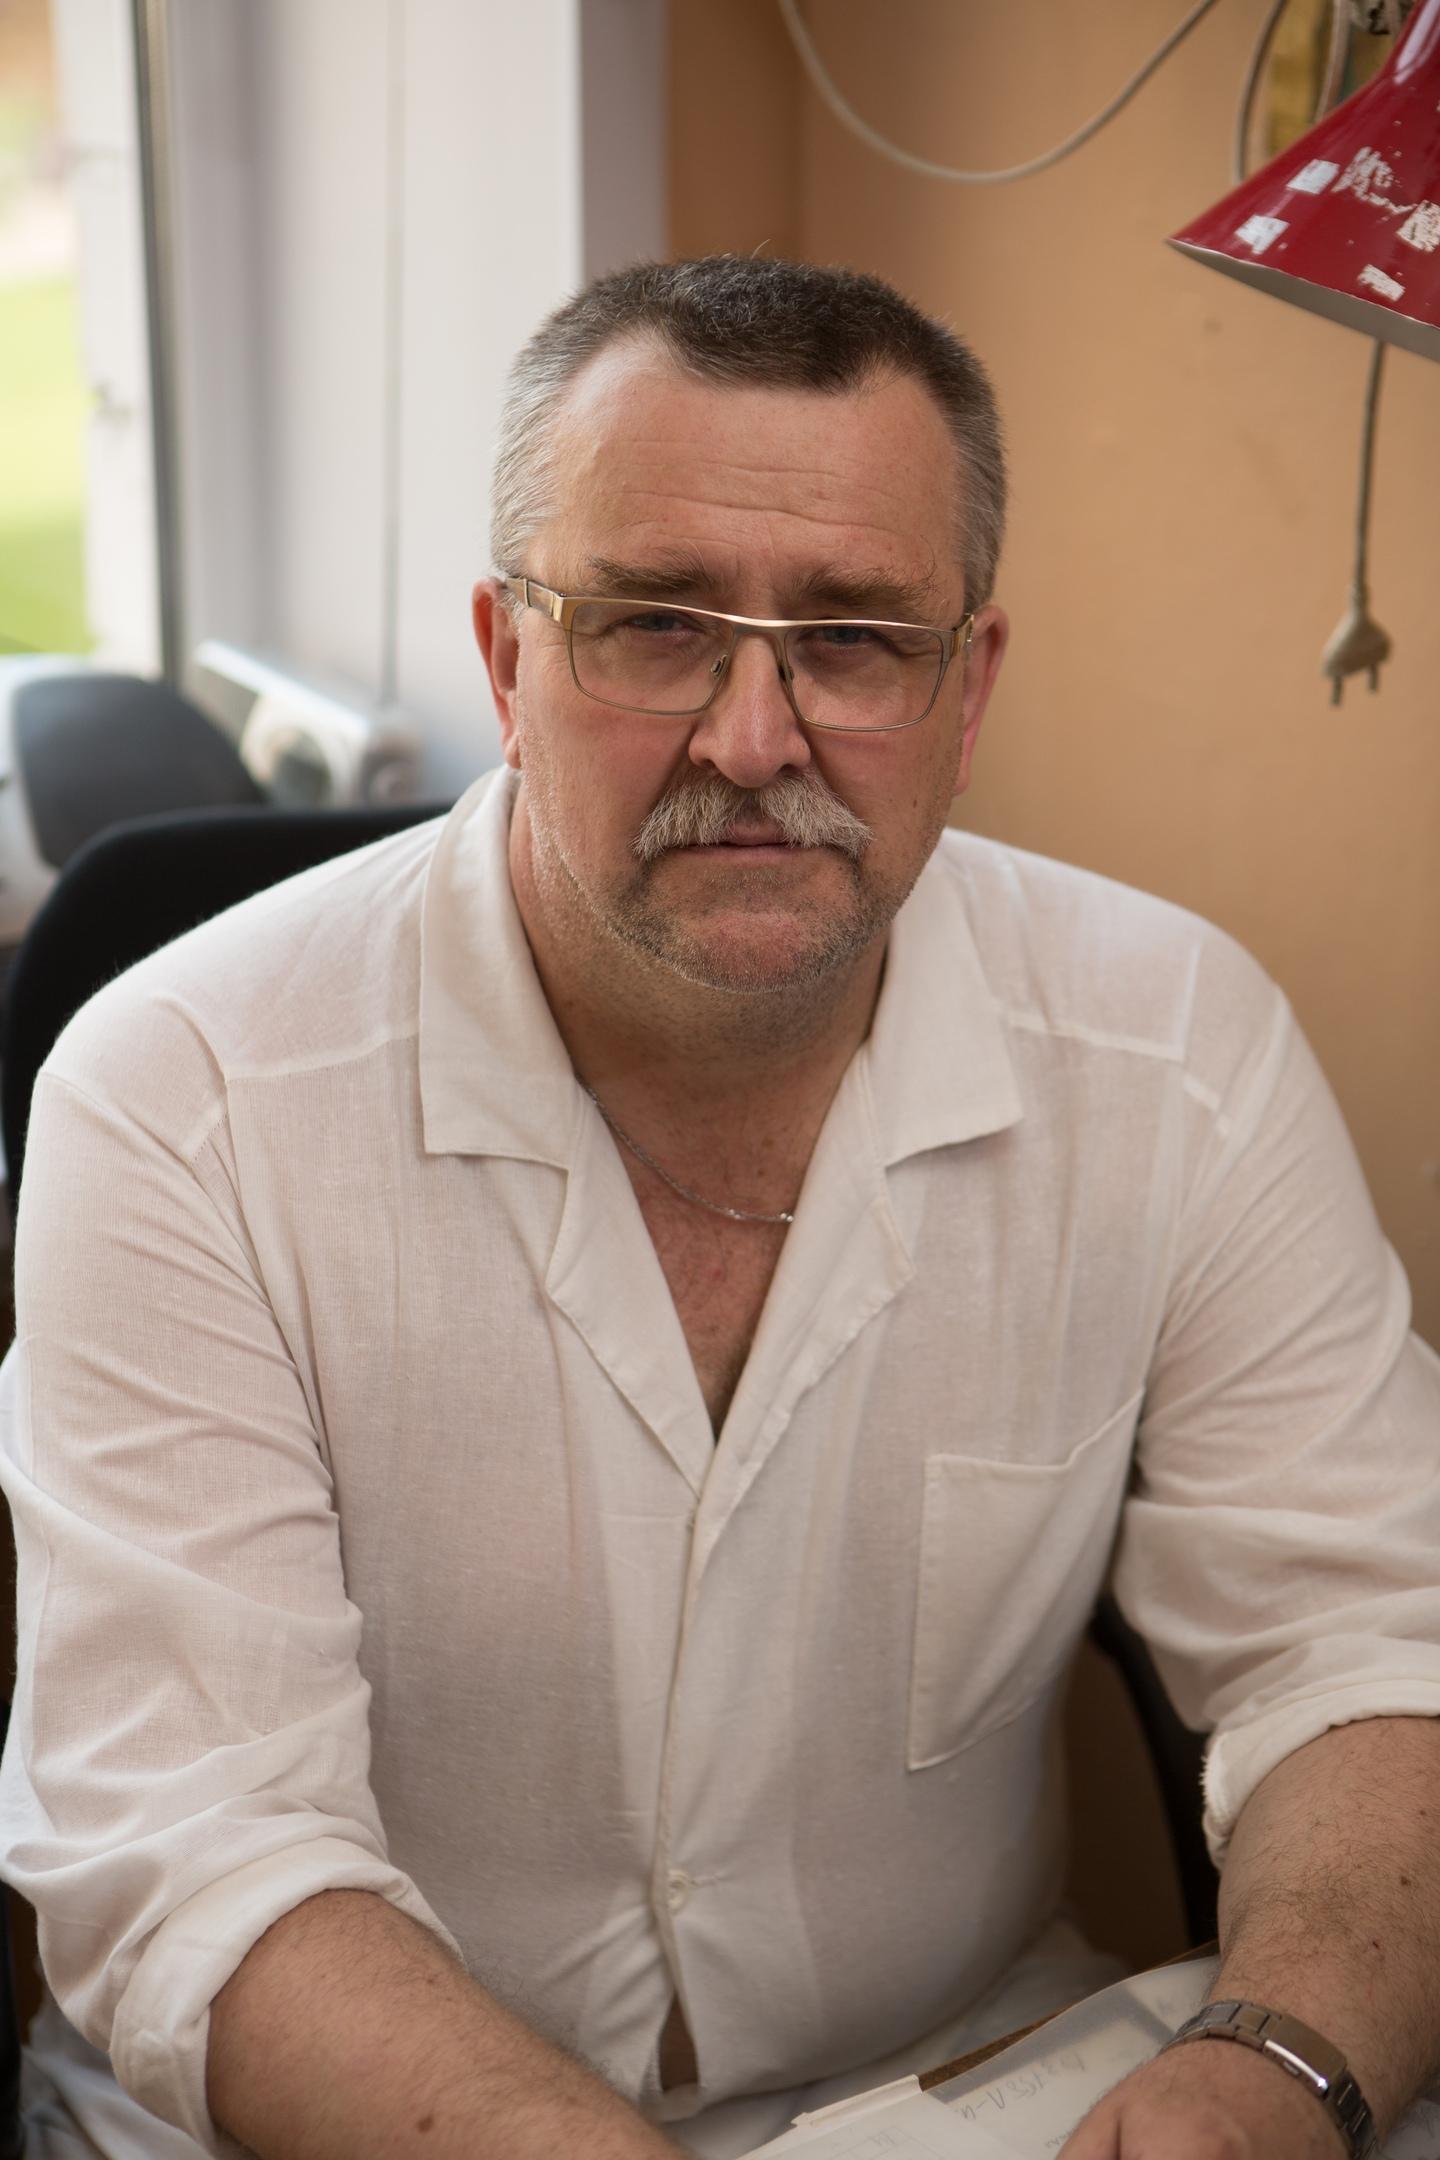 В Твери скончался известный врач-трансфузиолог Александр Досужев